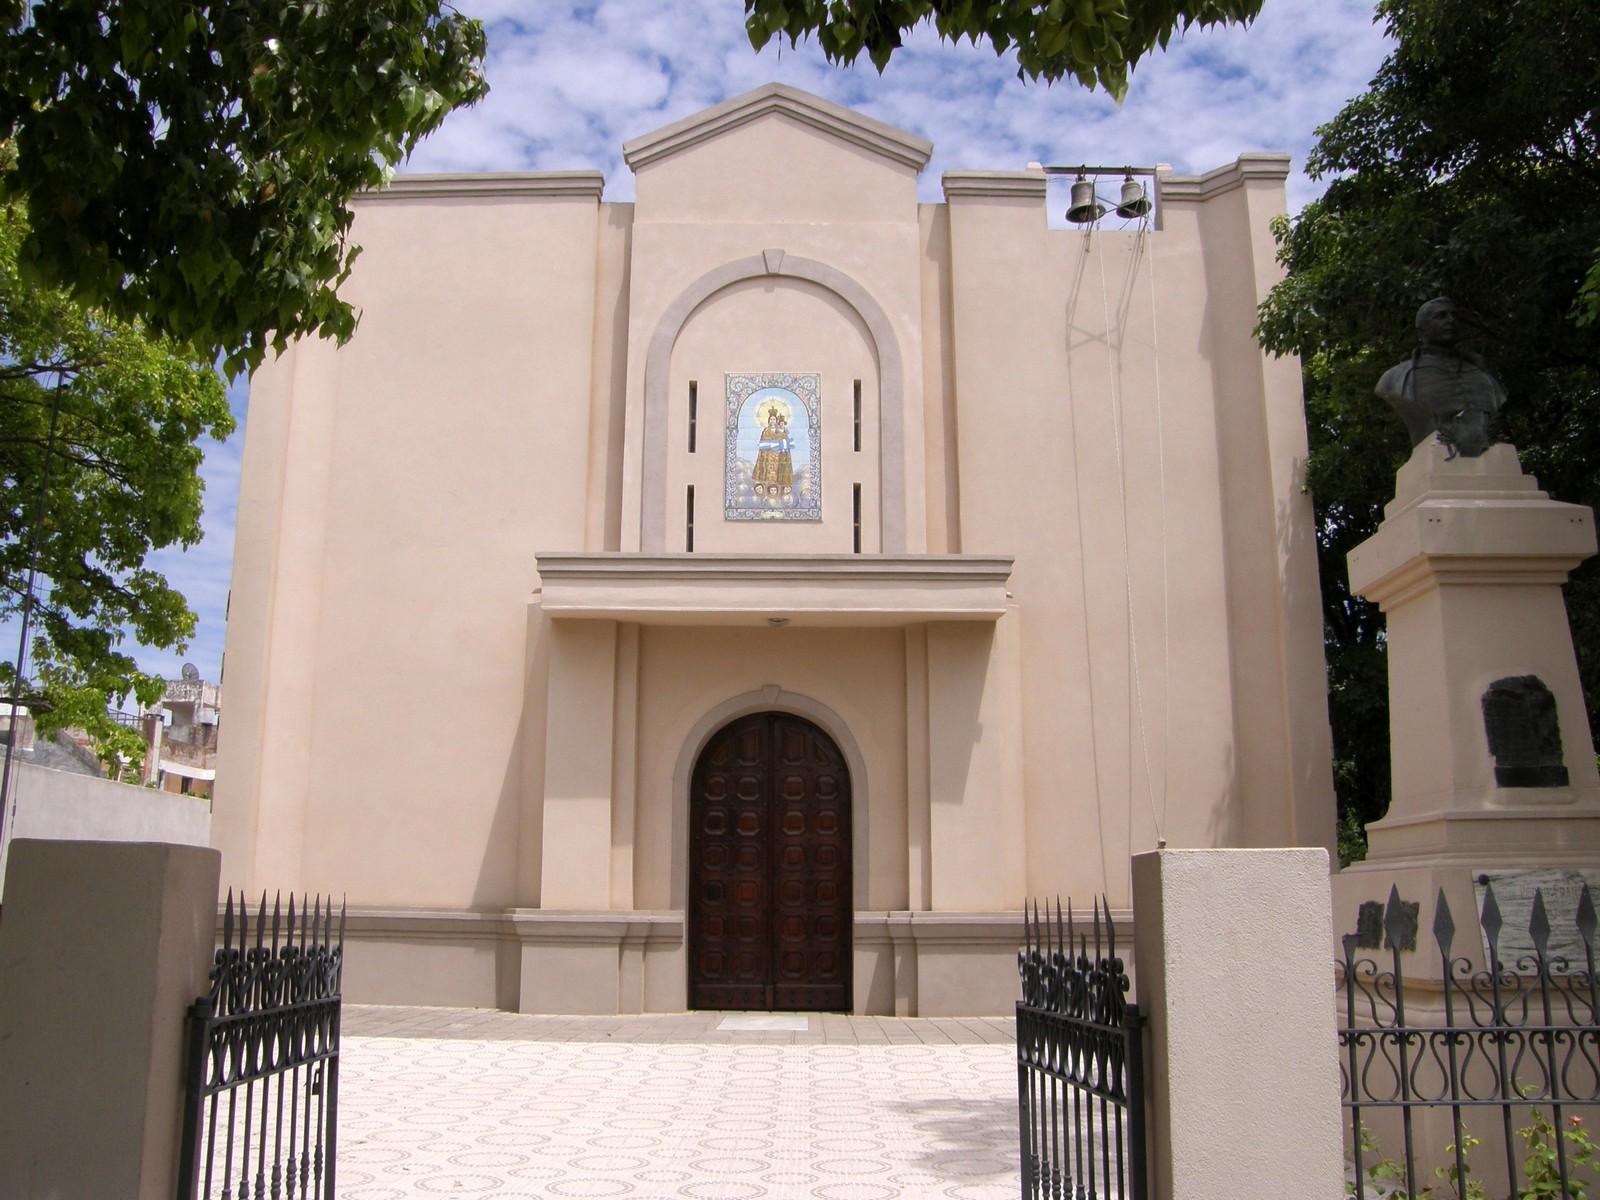 Nuestra Señora de Loreto de Santiago del Estero, allí se quiso quedar, Argentina (10 dic)